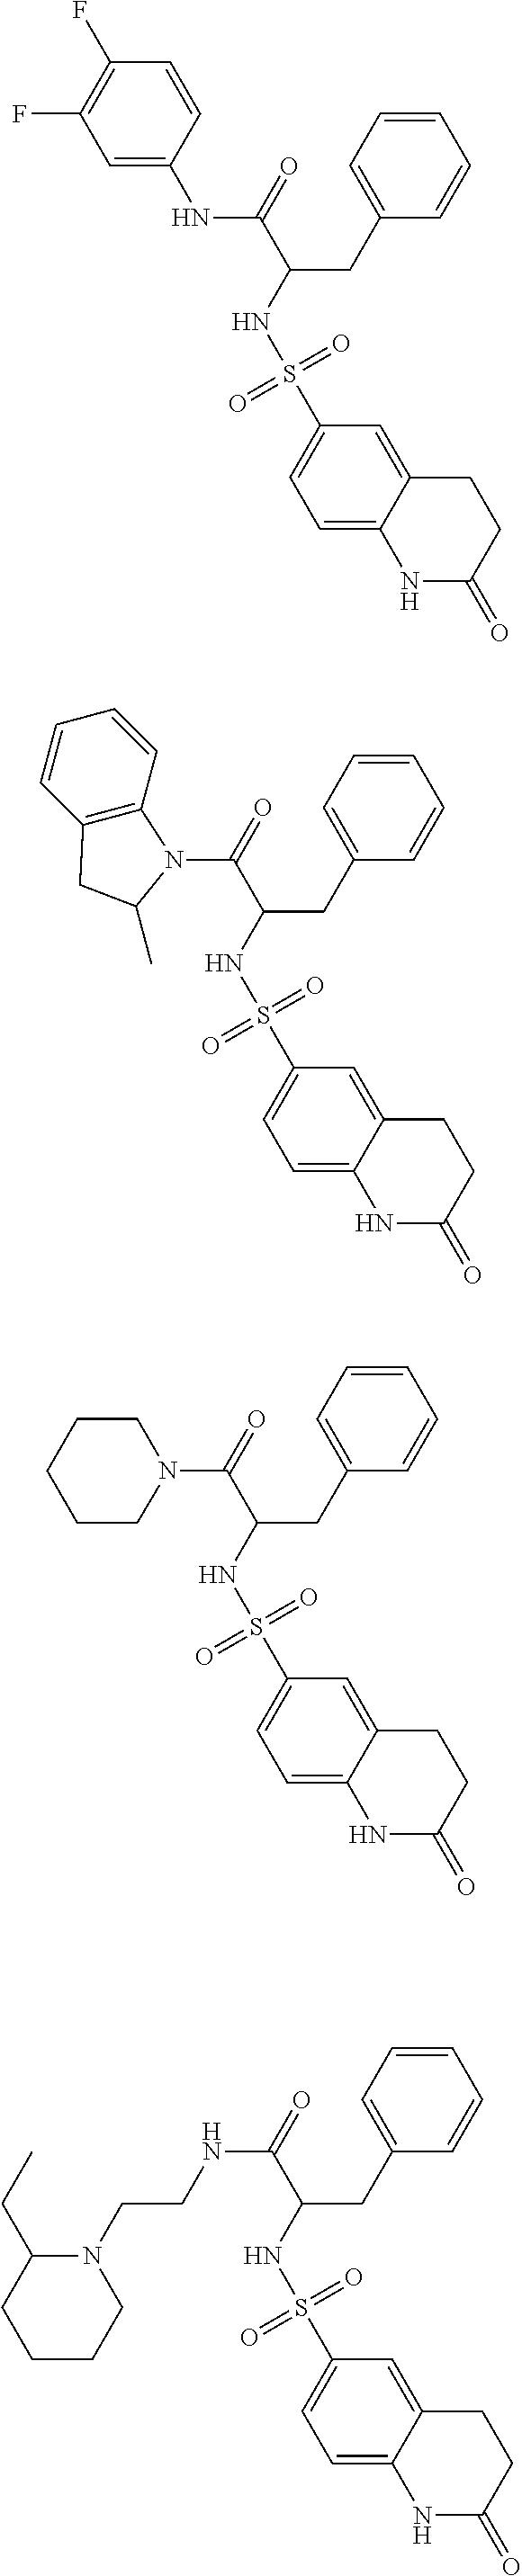 Figure US08957075-20150217-C00044